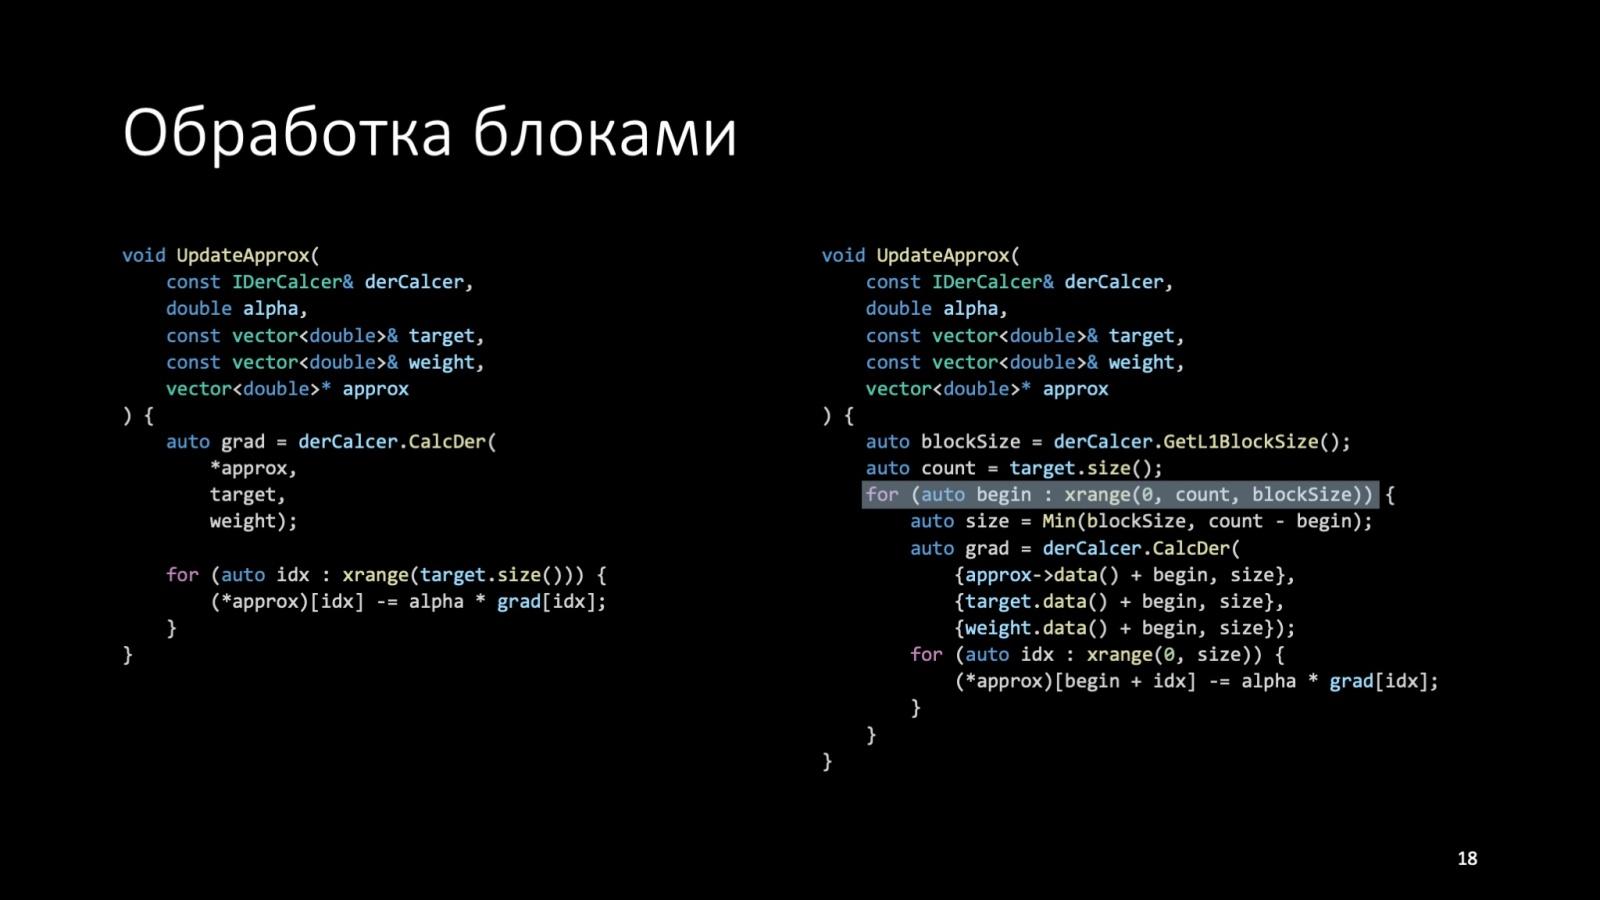 Оптимизация C++: совмещаем скорость и высокий уровень. Доклад Яндекса - 18